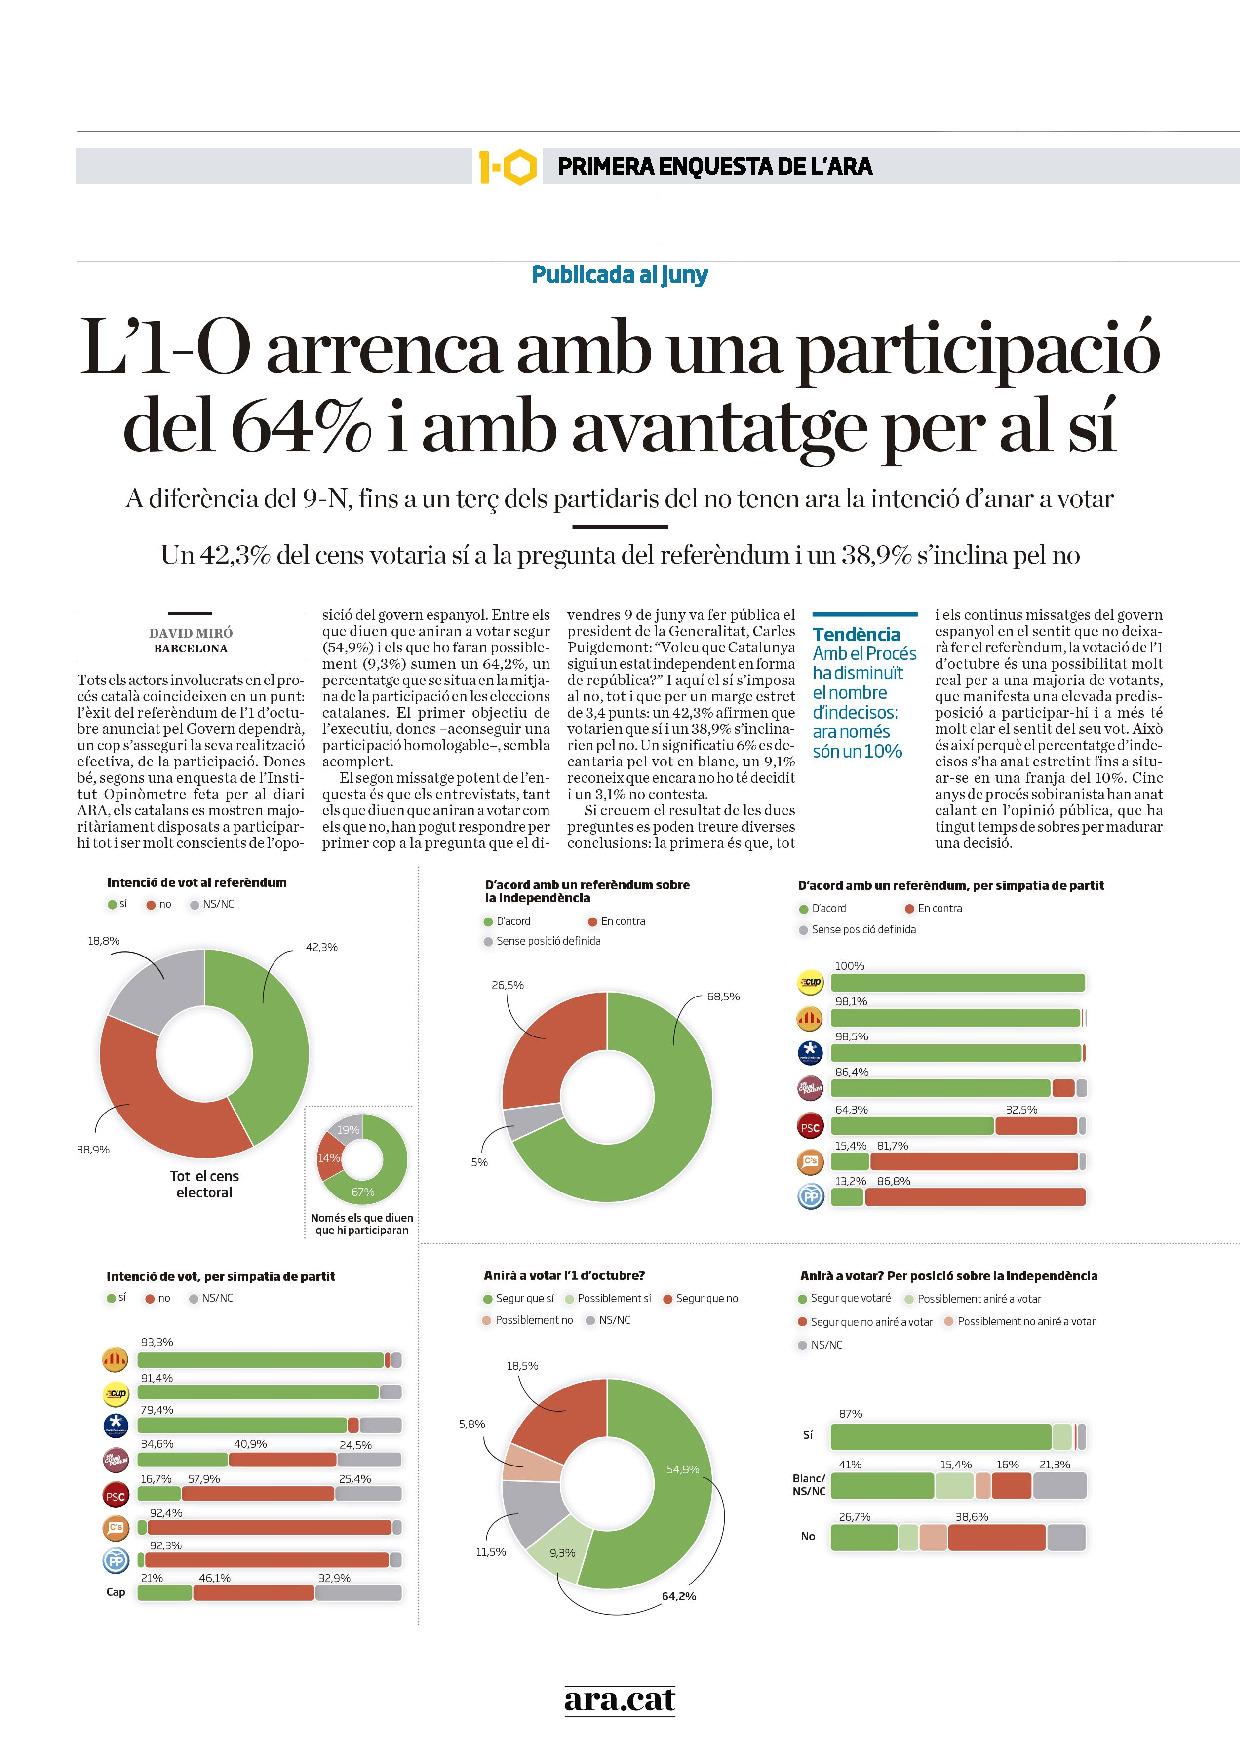 Les enquestes de l'ARA sobre el referèndum 1